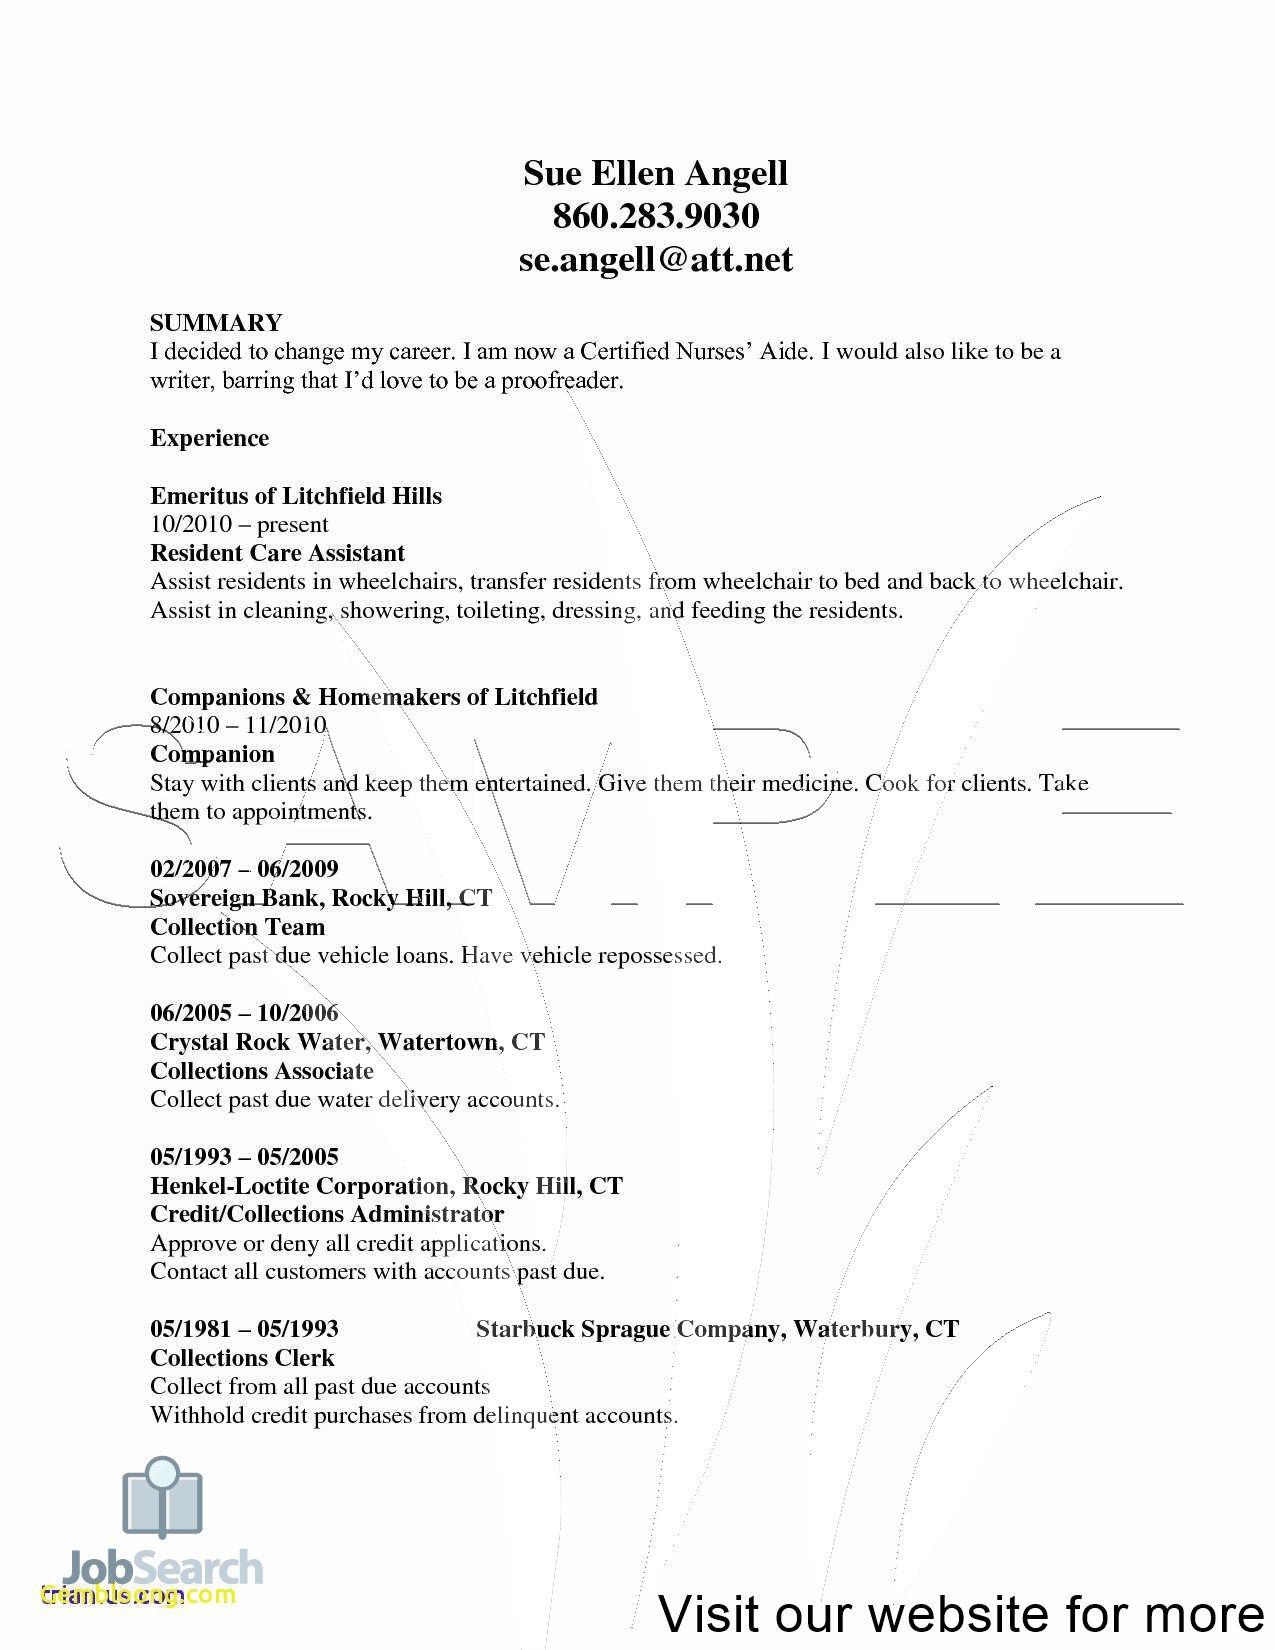 clean resume template free in 2020 Nursing resume